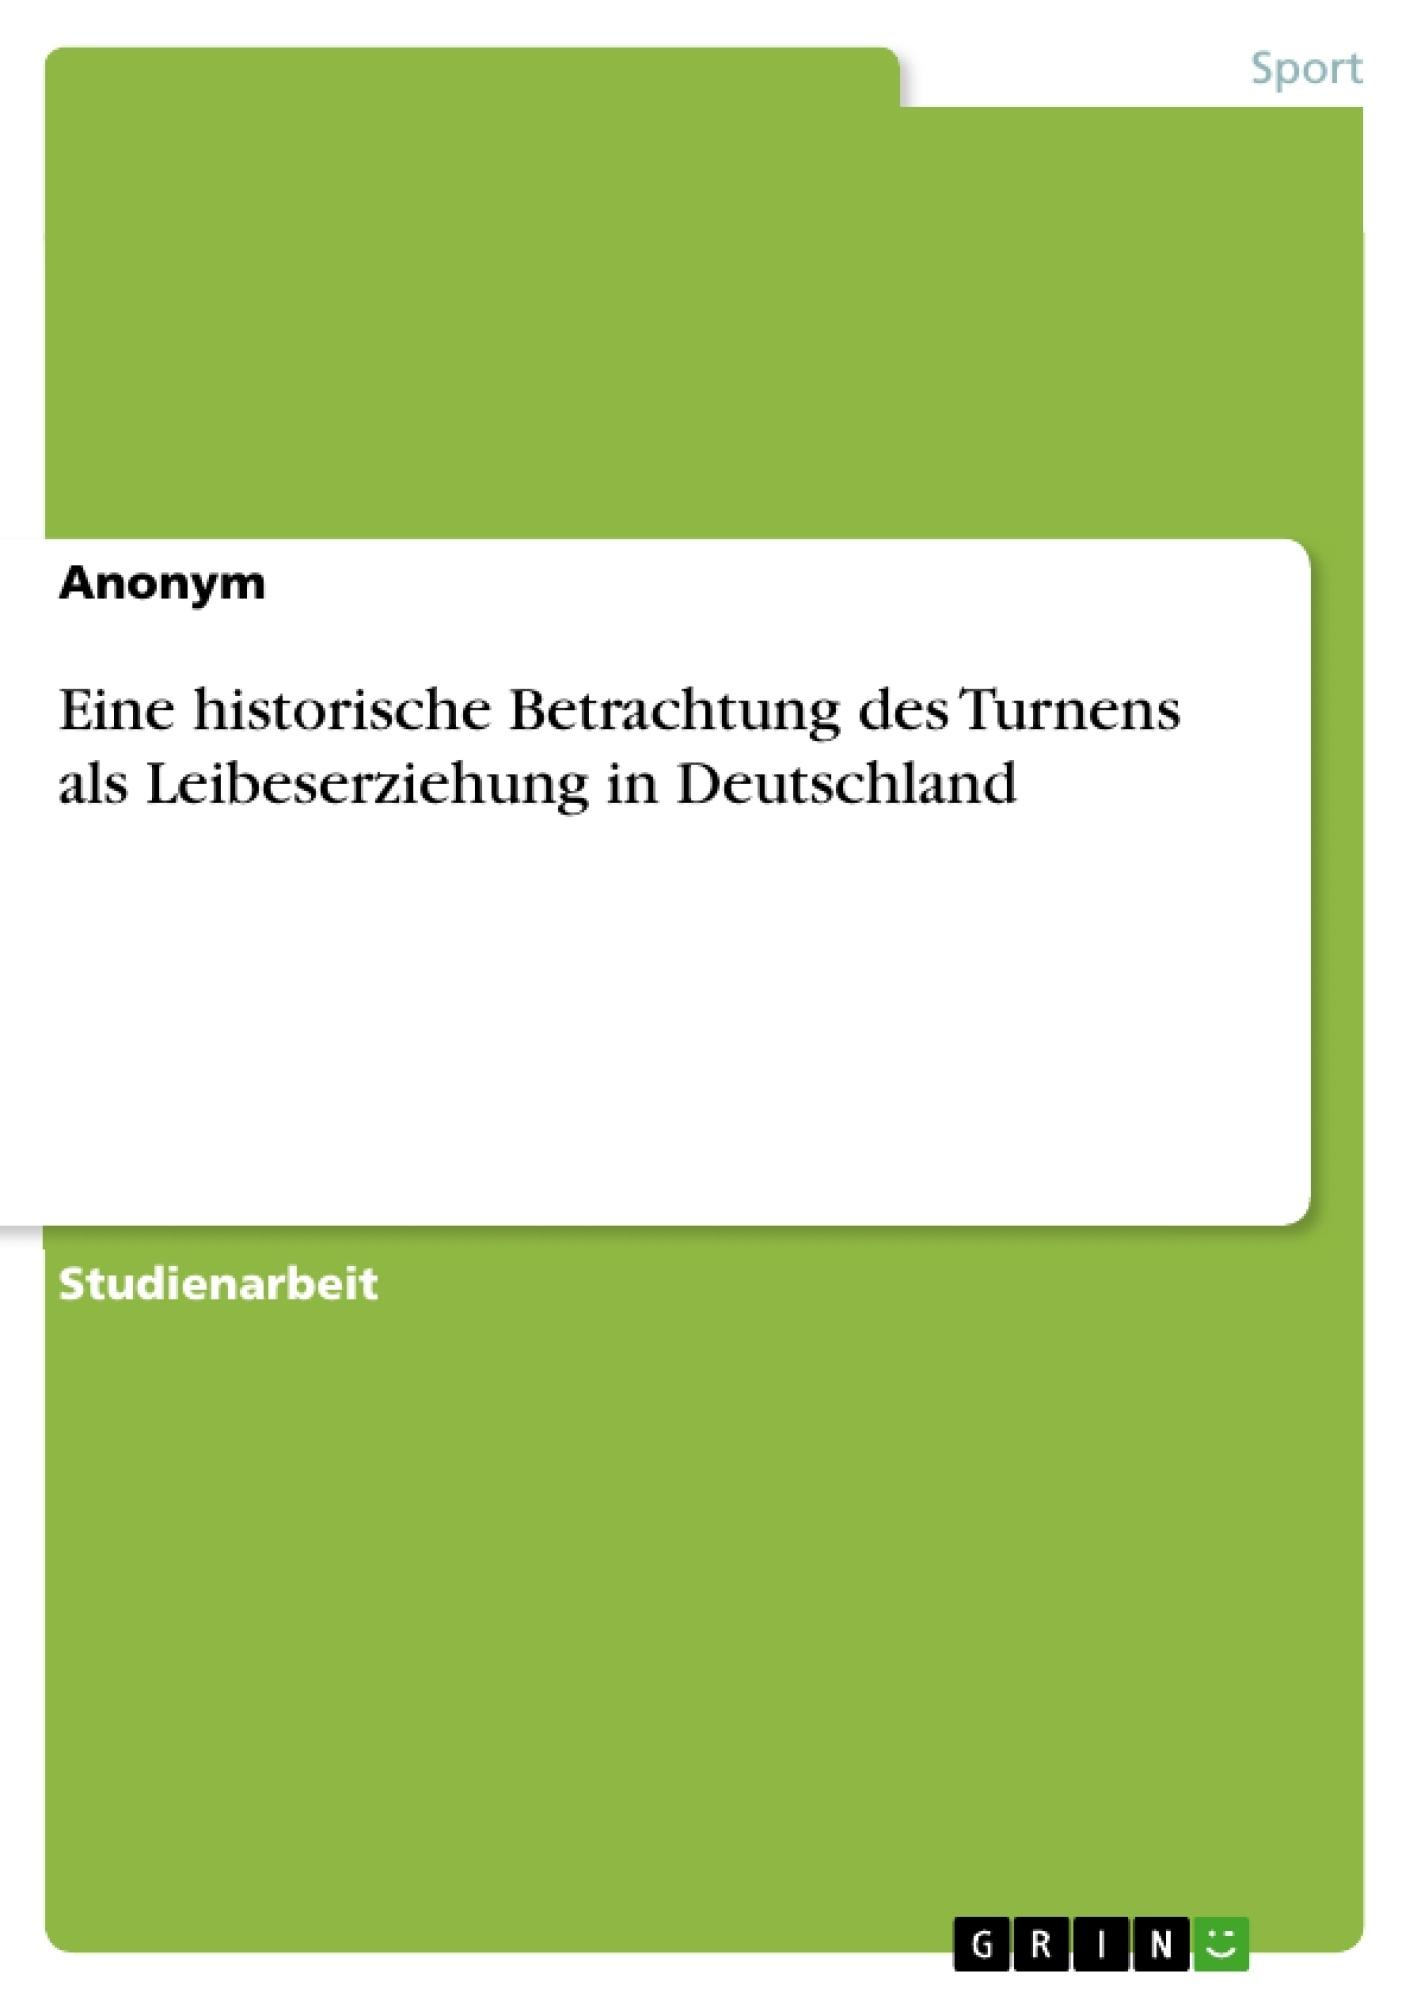 Titel: Eine historische Betrachtung des Turnens als Leibeserziehung in Deutschland